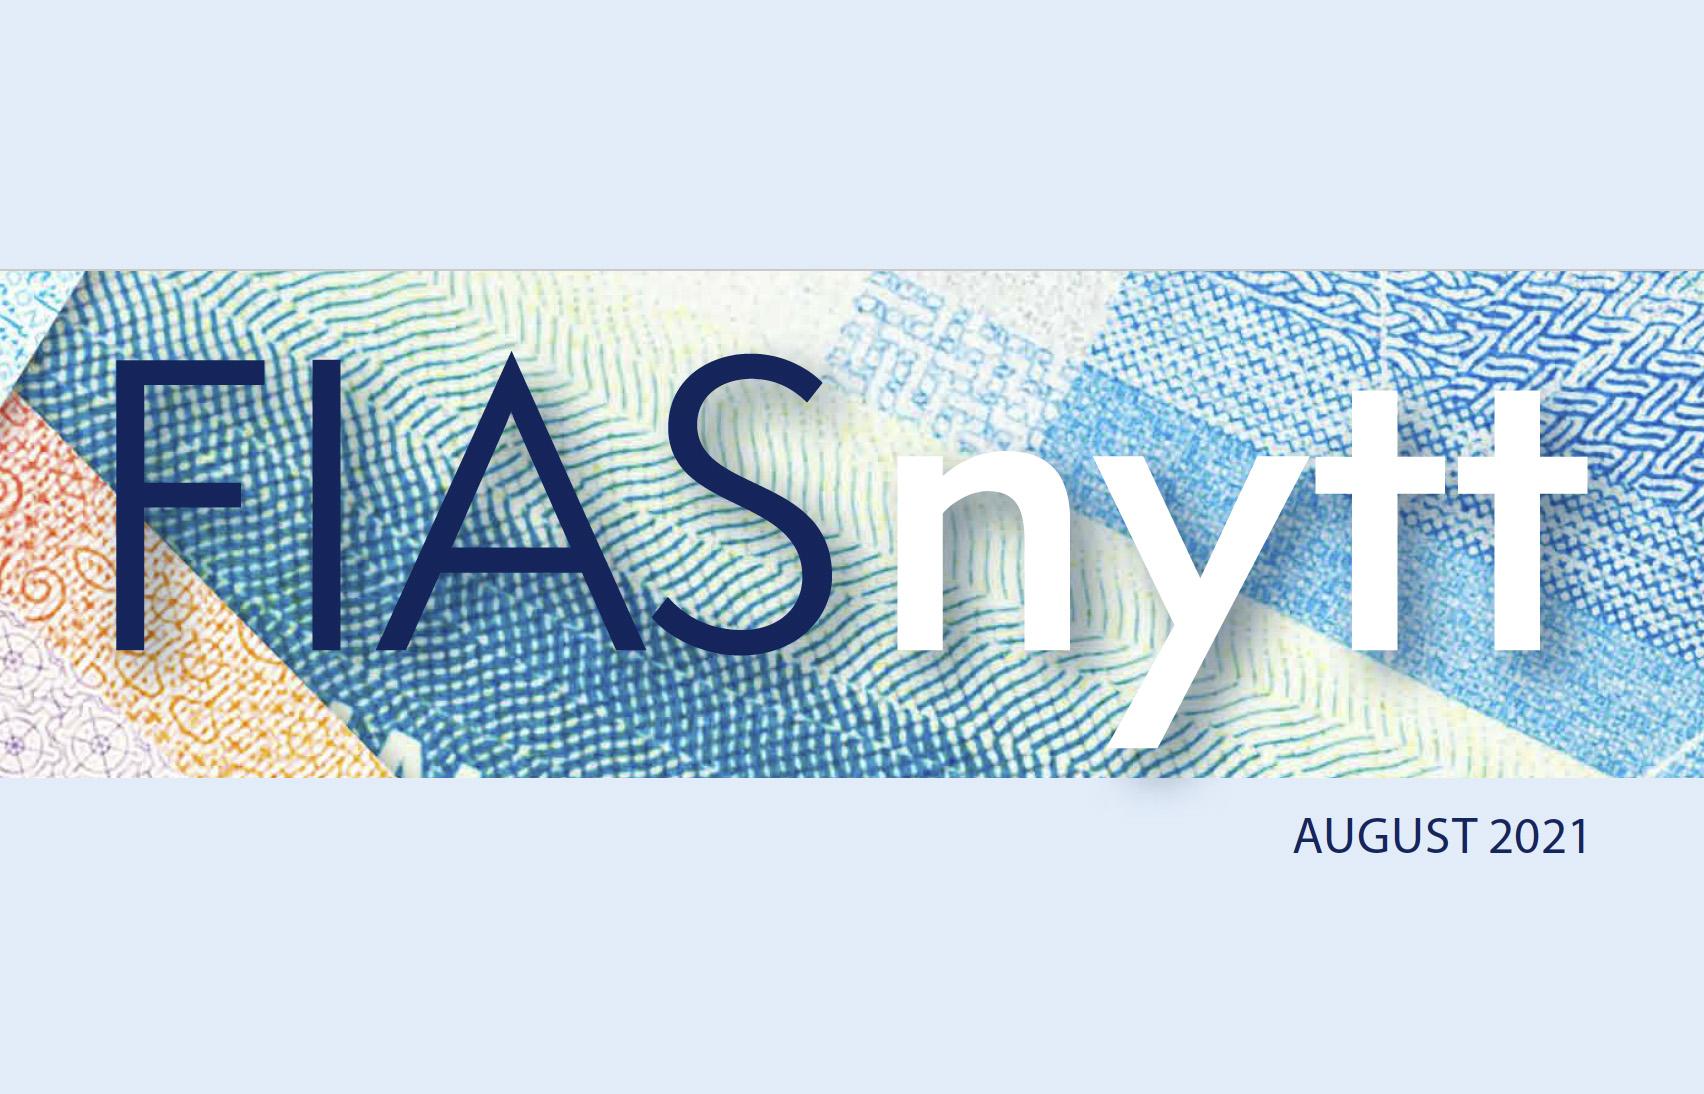 Les Fias-nytt for august